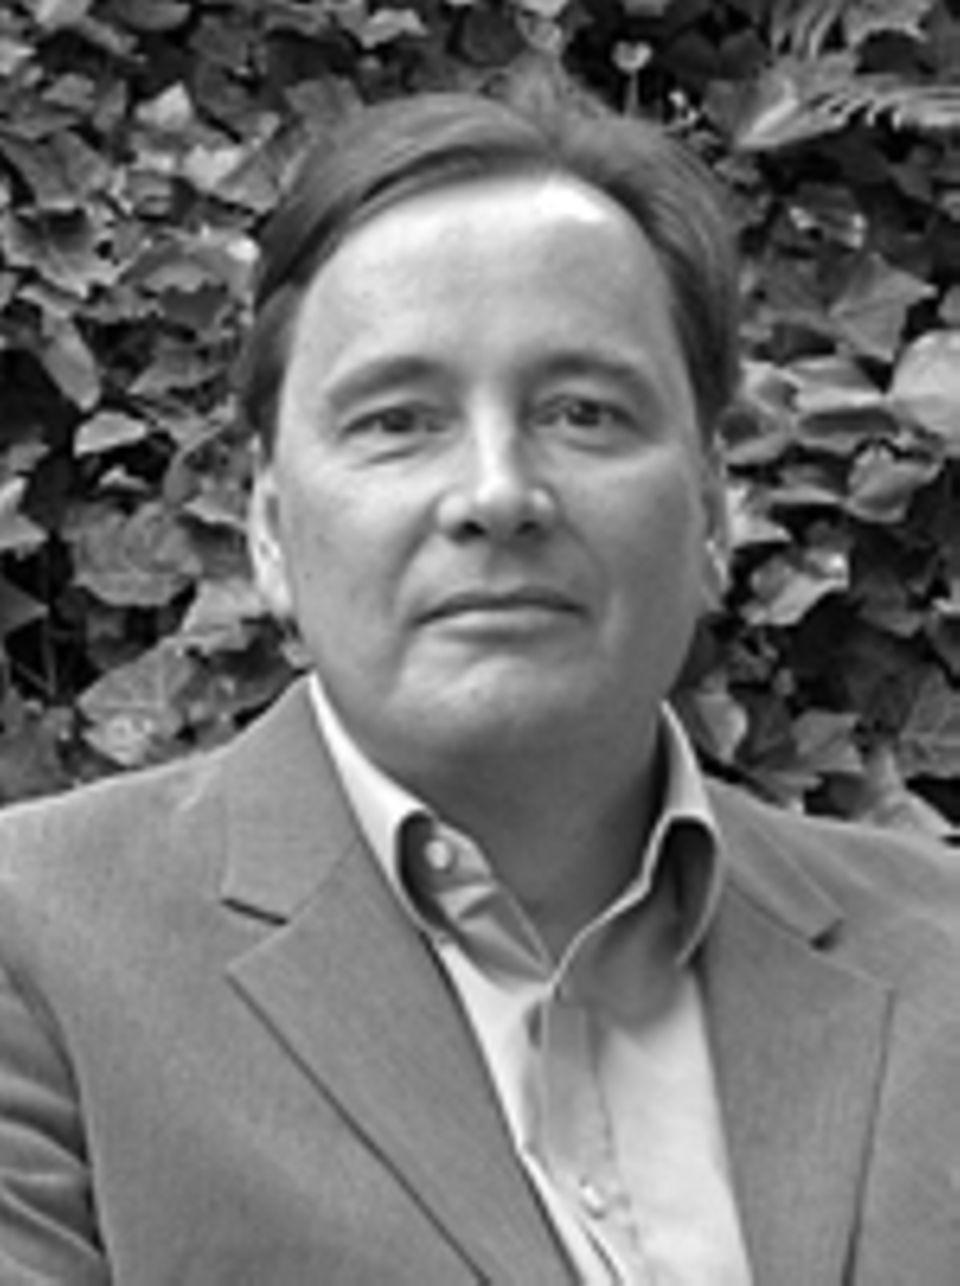 Interview: Dirk Schümer lebt als Europakorrespondent für das Feuilleton der FAZ in Venedig. Gerade wurde er für sein journalistisches Engagement mit dem Erich-Fromm-Preis ausgezeichnet